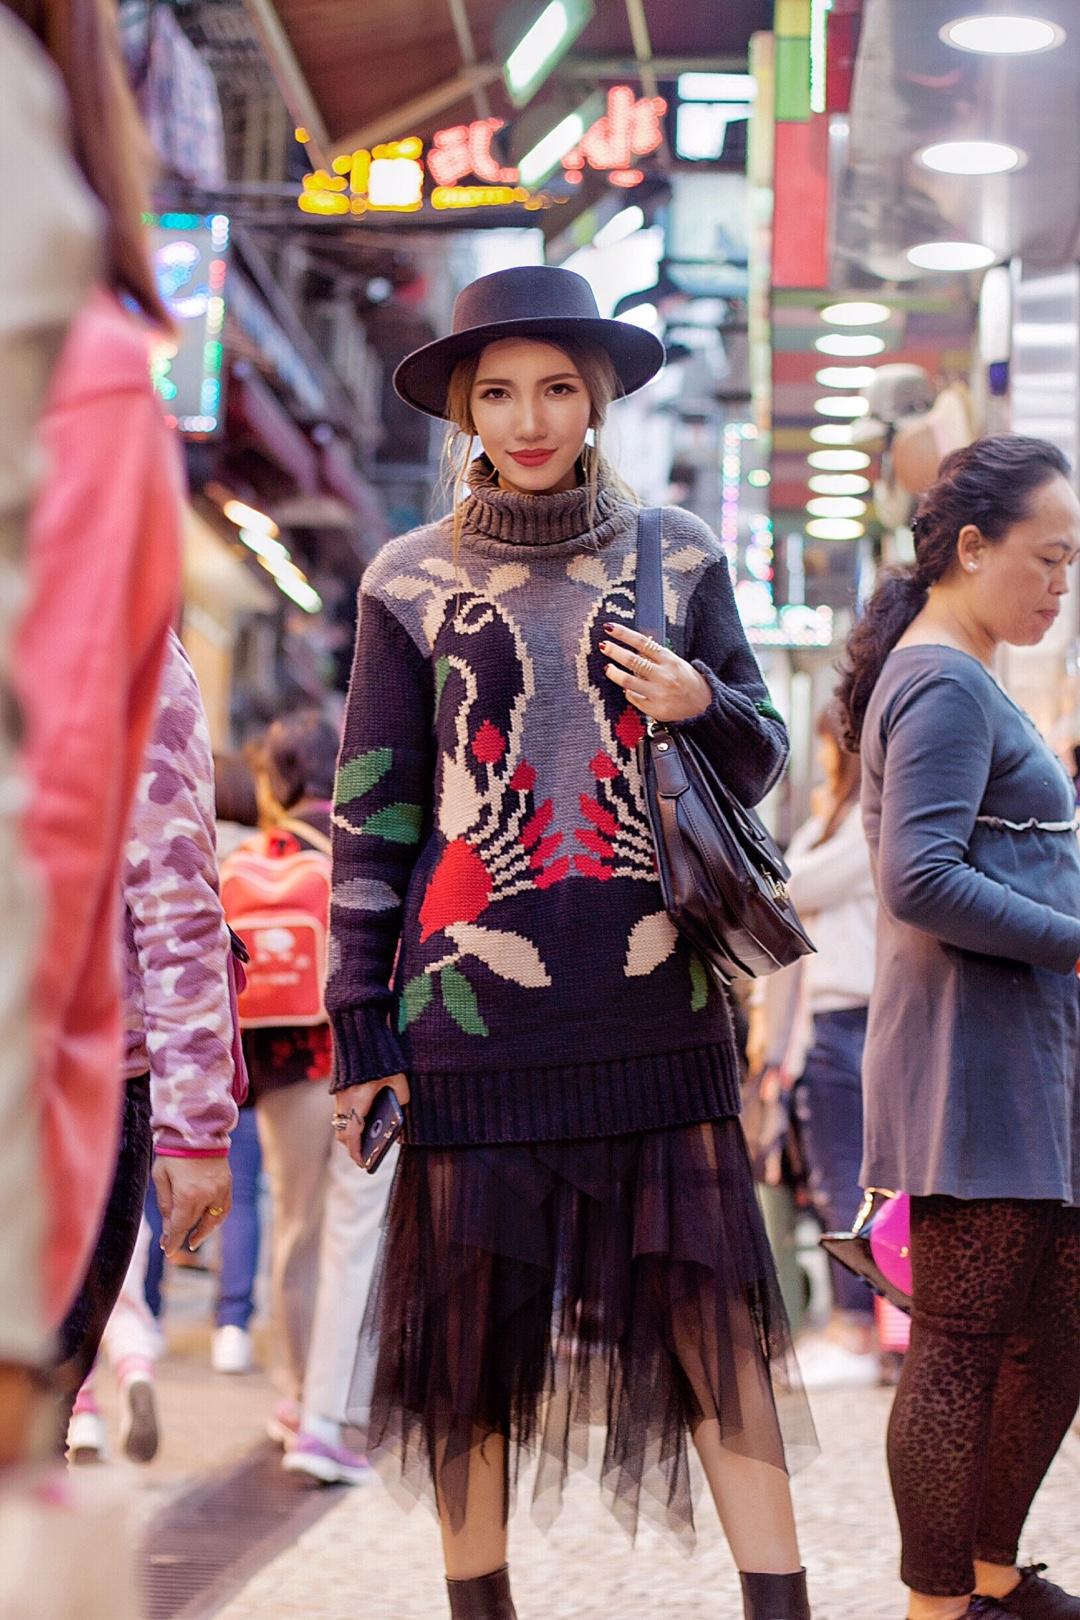 #过年走亲戚乖巧加成tips# 很多人喜欢用红色穿搭来开启一年的好运,可是一身红搭配不好会略显俗气,身上适当运用红色点缀更有气质~ 品牌: 毛衣:Msgm 裙子:稀有概率 包包:FURLA 帽子:实体店购买